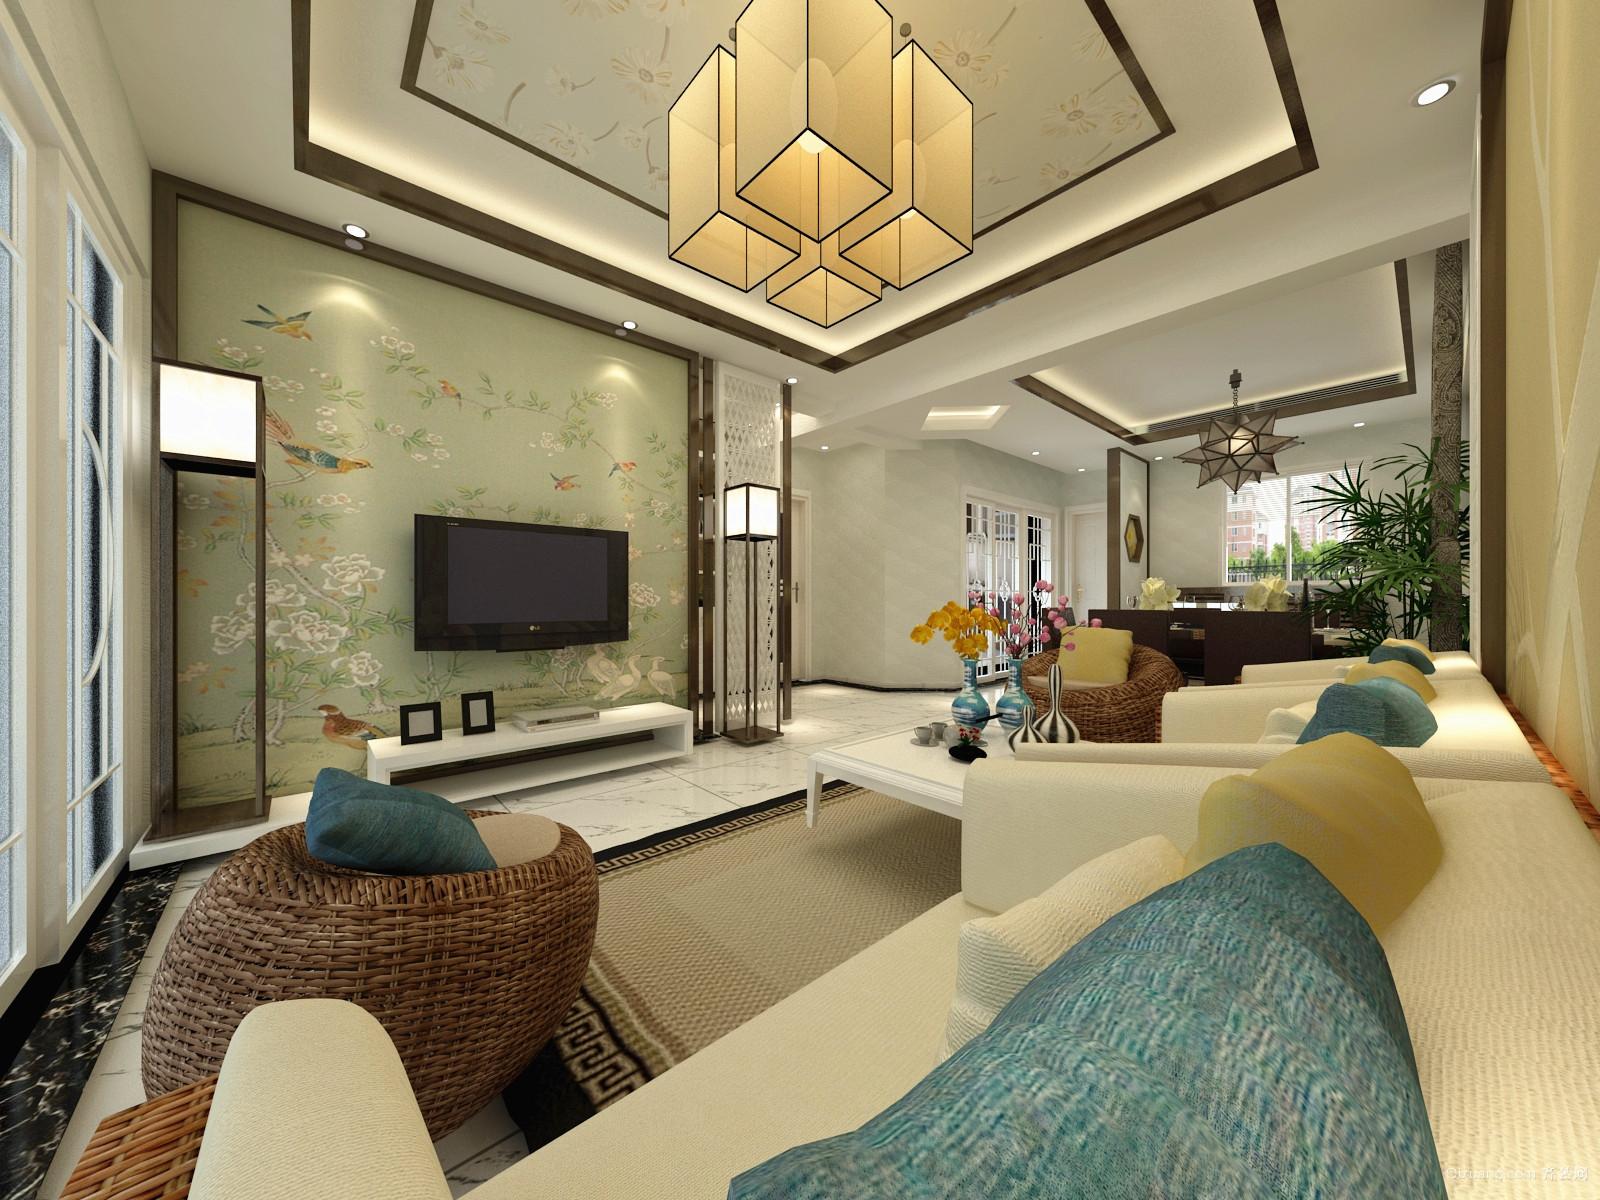 君临棠城中式风格装修效果图实景图